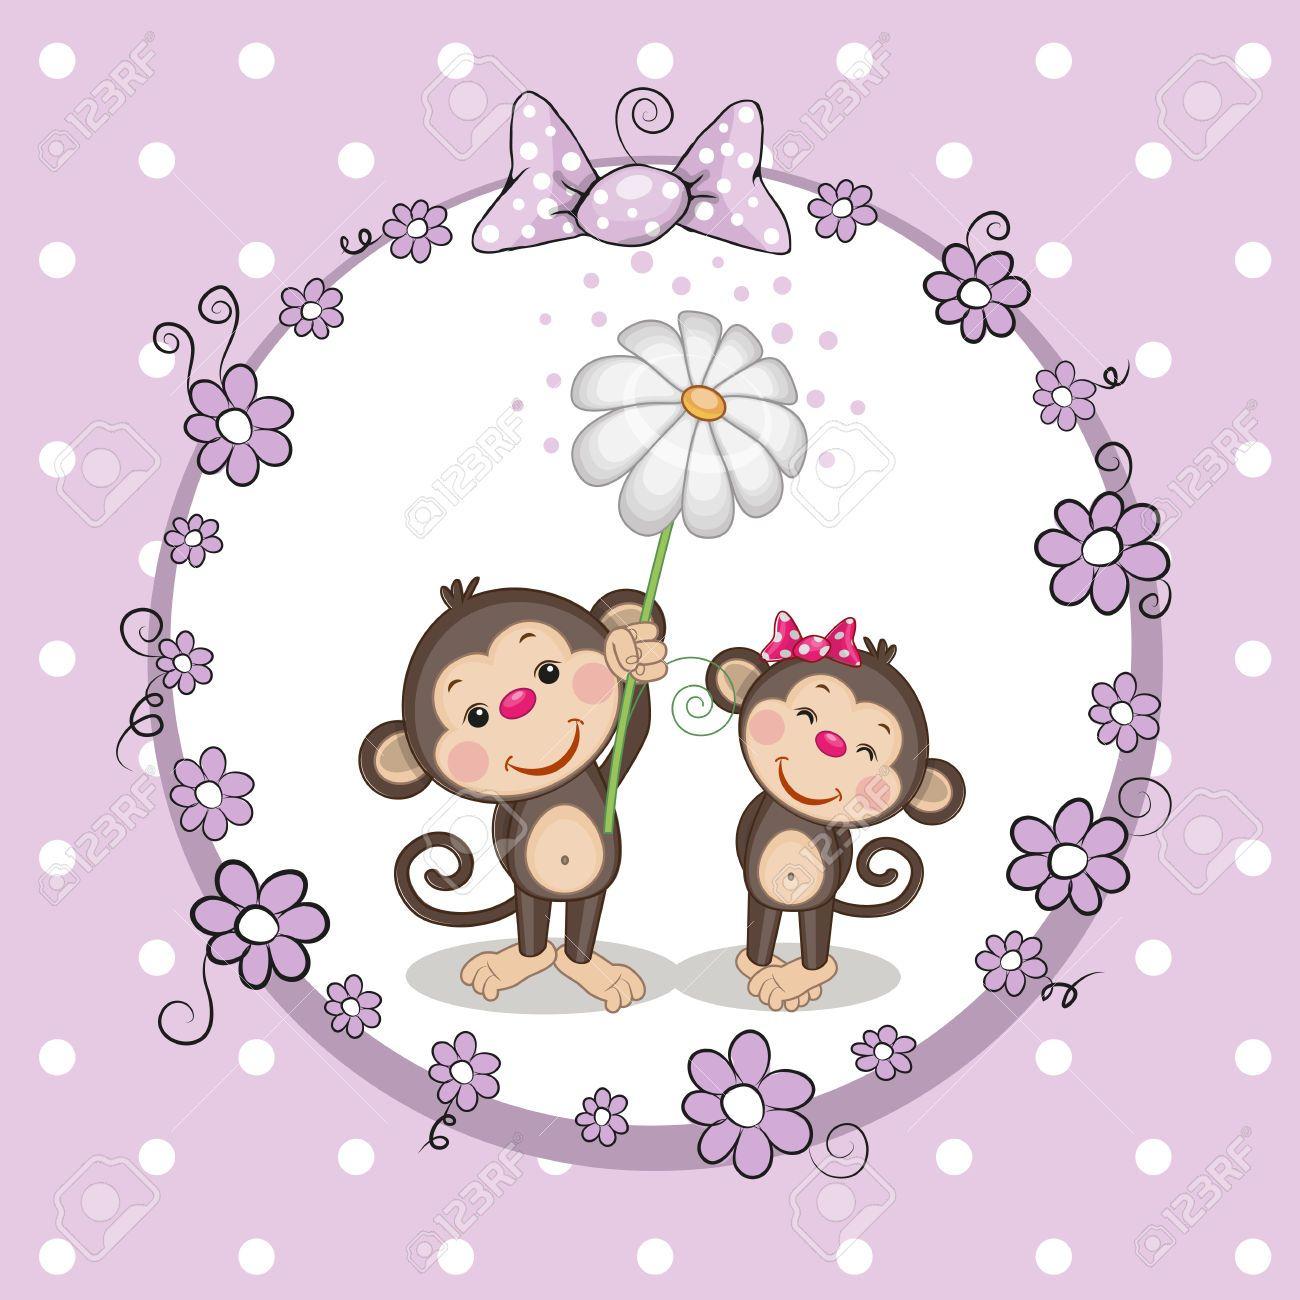 Pin de D&Mdetallitos y manualidades en dibujos de monos | Pinterest ...